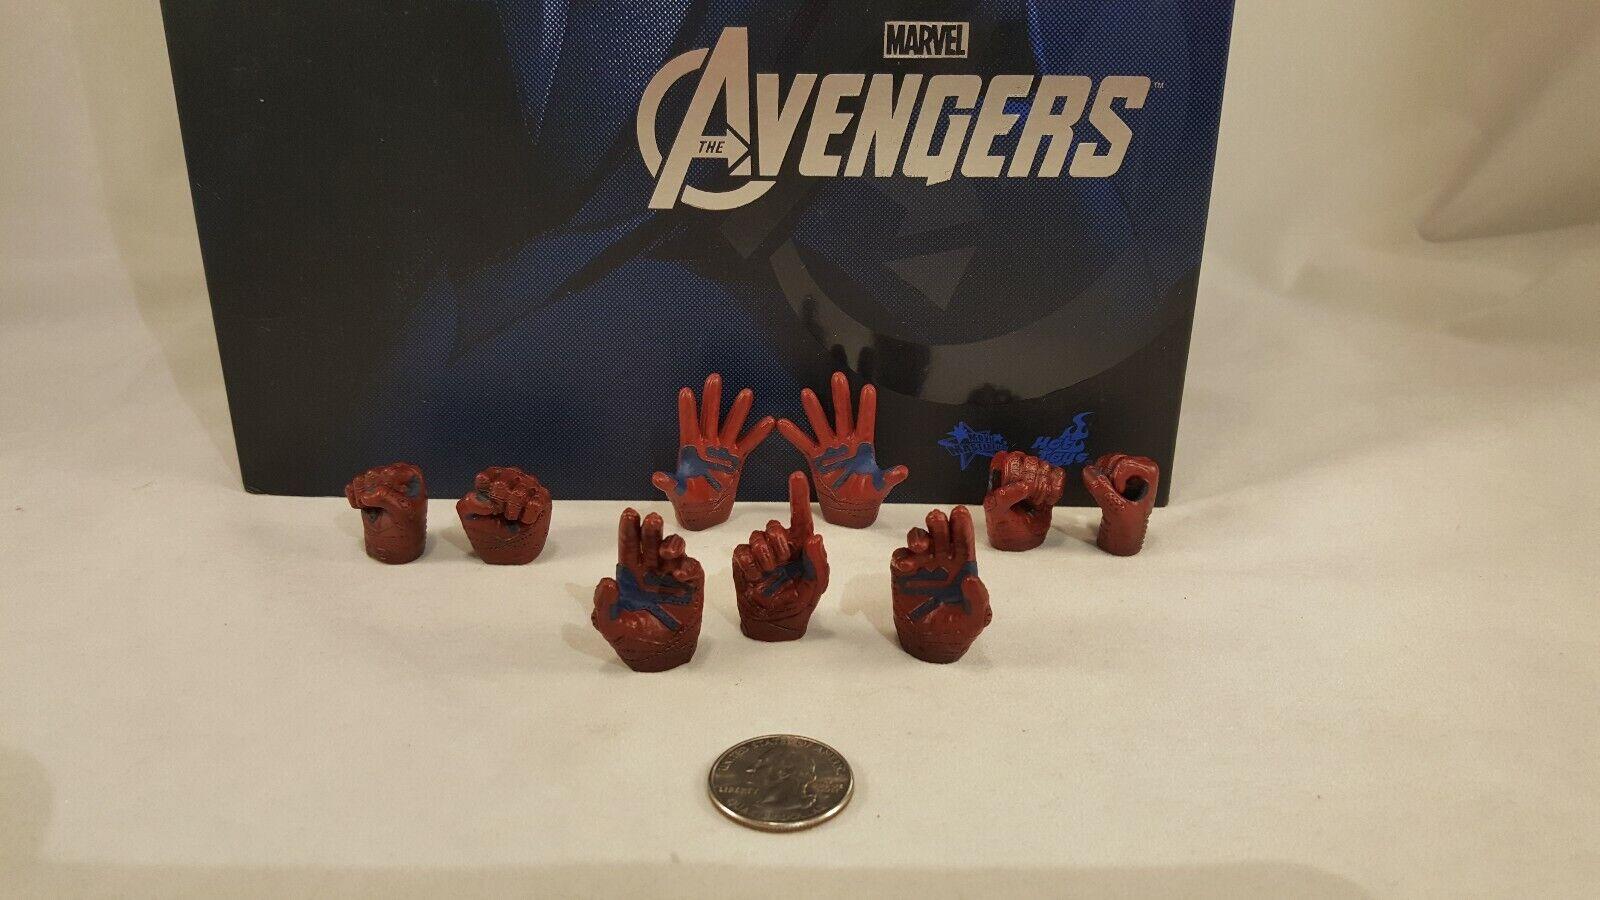 Hot Toys MMS174 Avengers 1 6 Captain America Action Figure'S les 9 Mains seulement